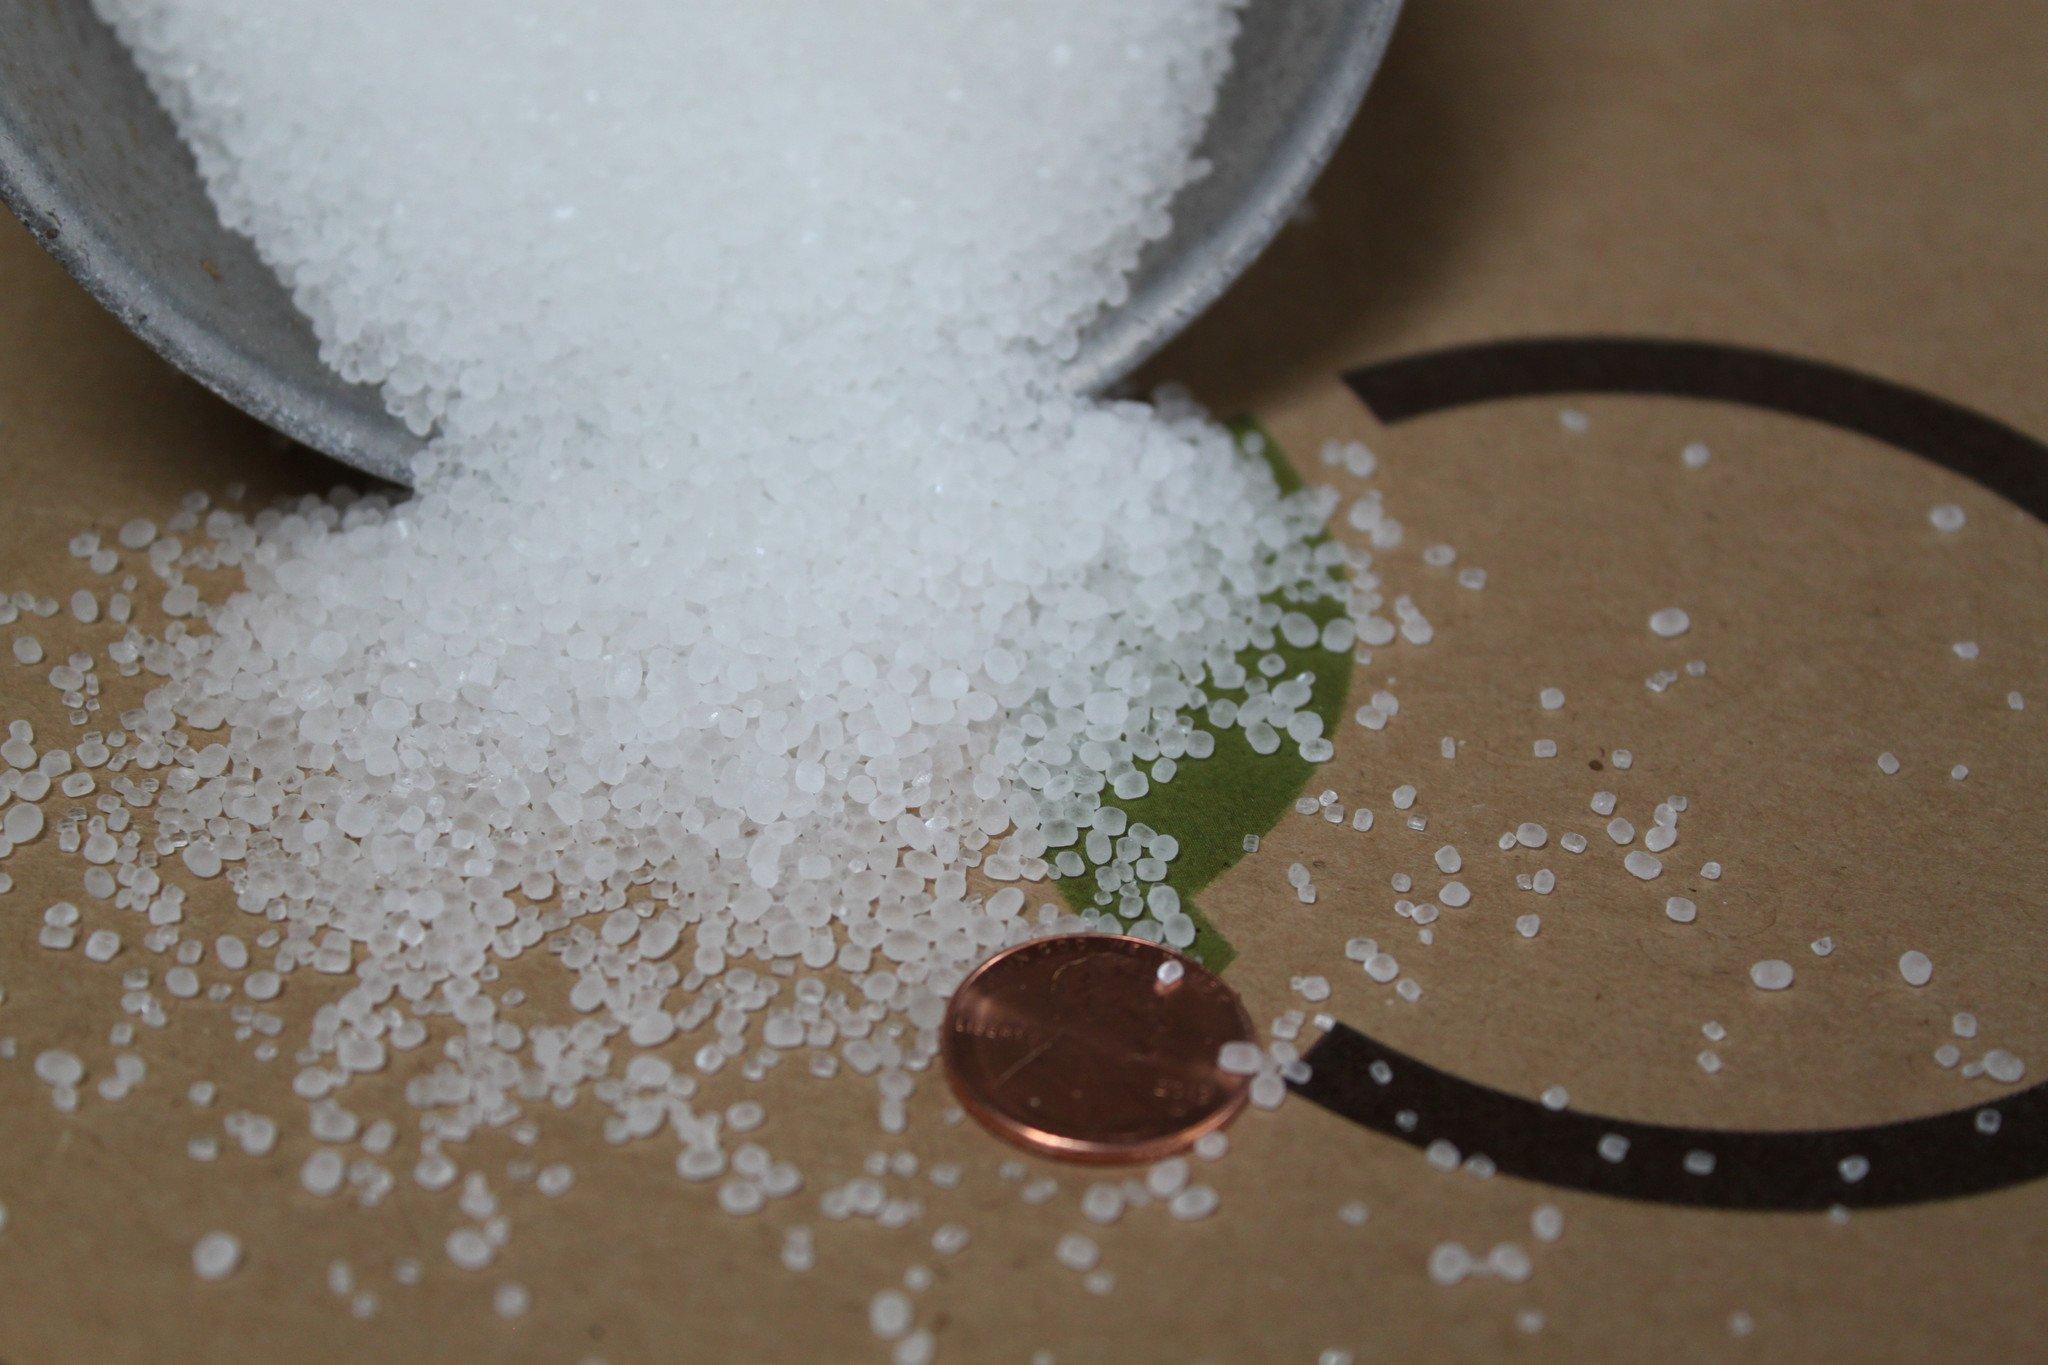 Şeker gübre olarakta adlandırılan bu gübre çeşidi, bitkilerin azot ve kükürt ihtiyacını karşılar.